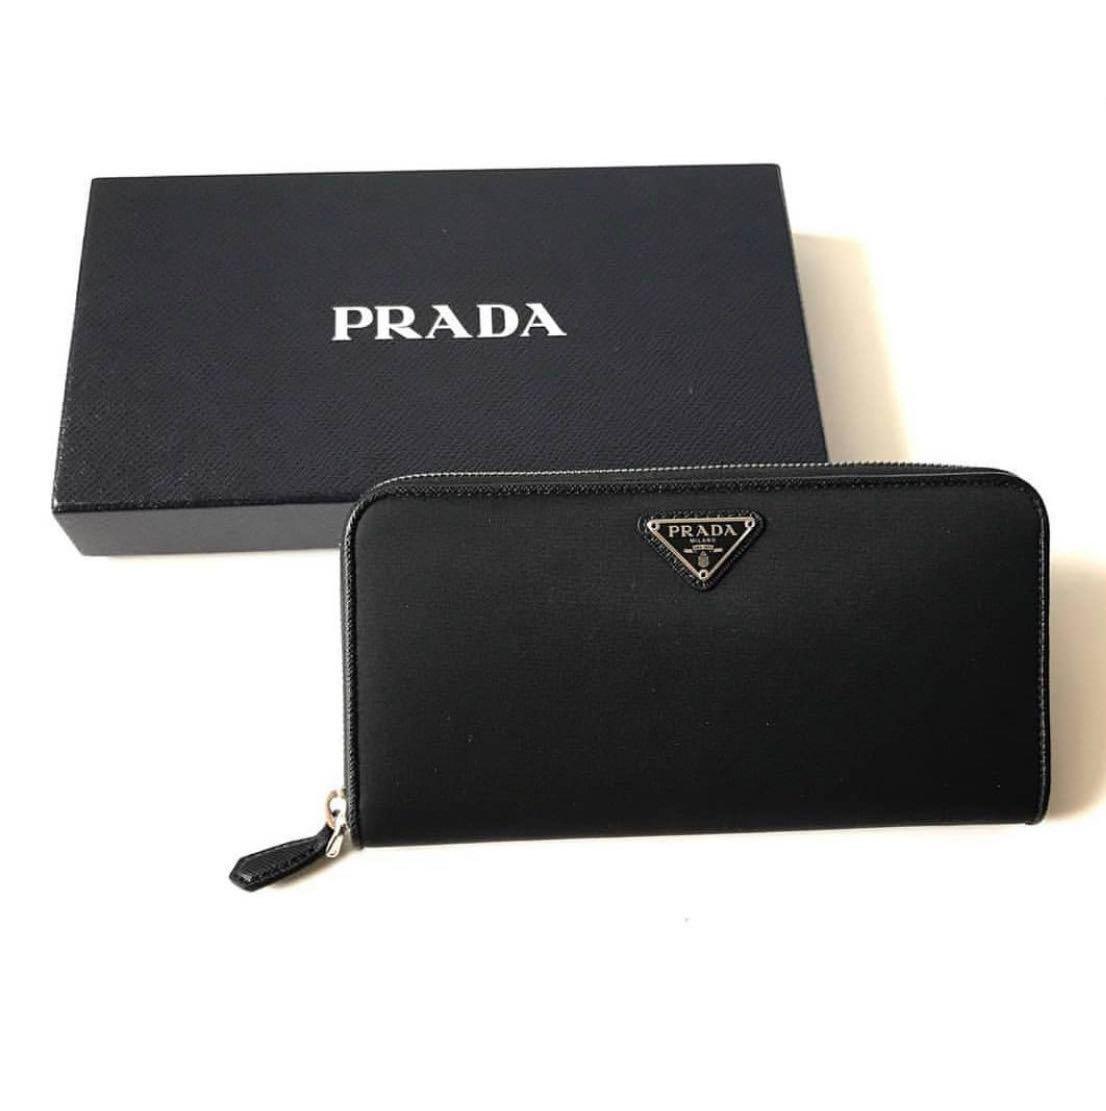 7122d215f4e887 ... aliexpress prada wallet sale luxury bags wallets wallets on carousell  aac50 e7167